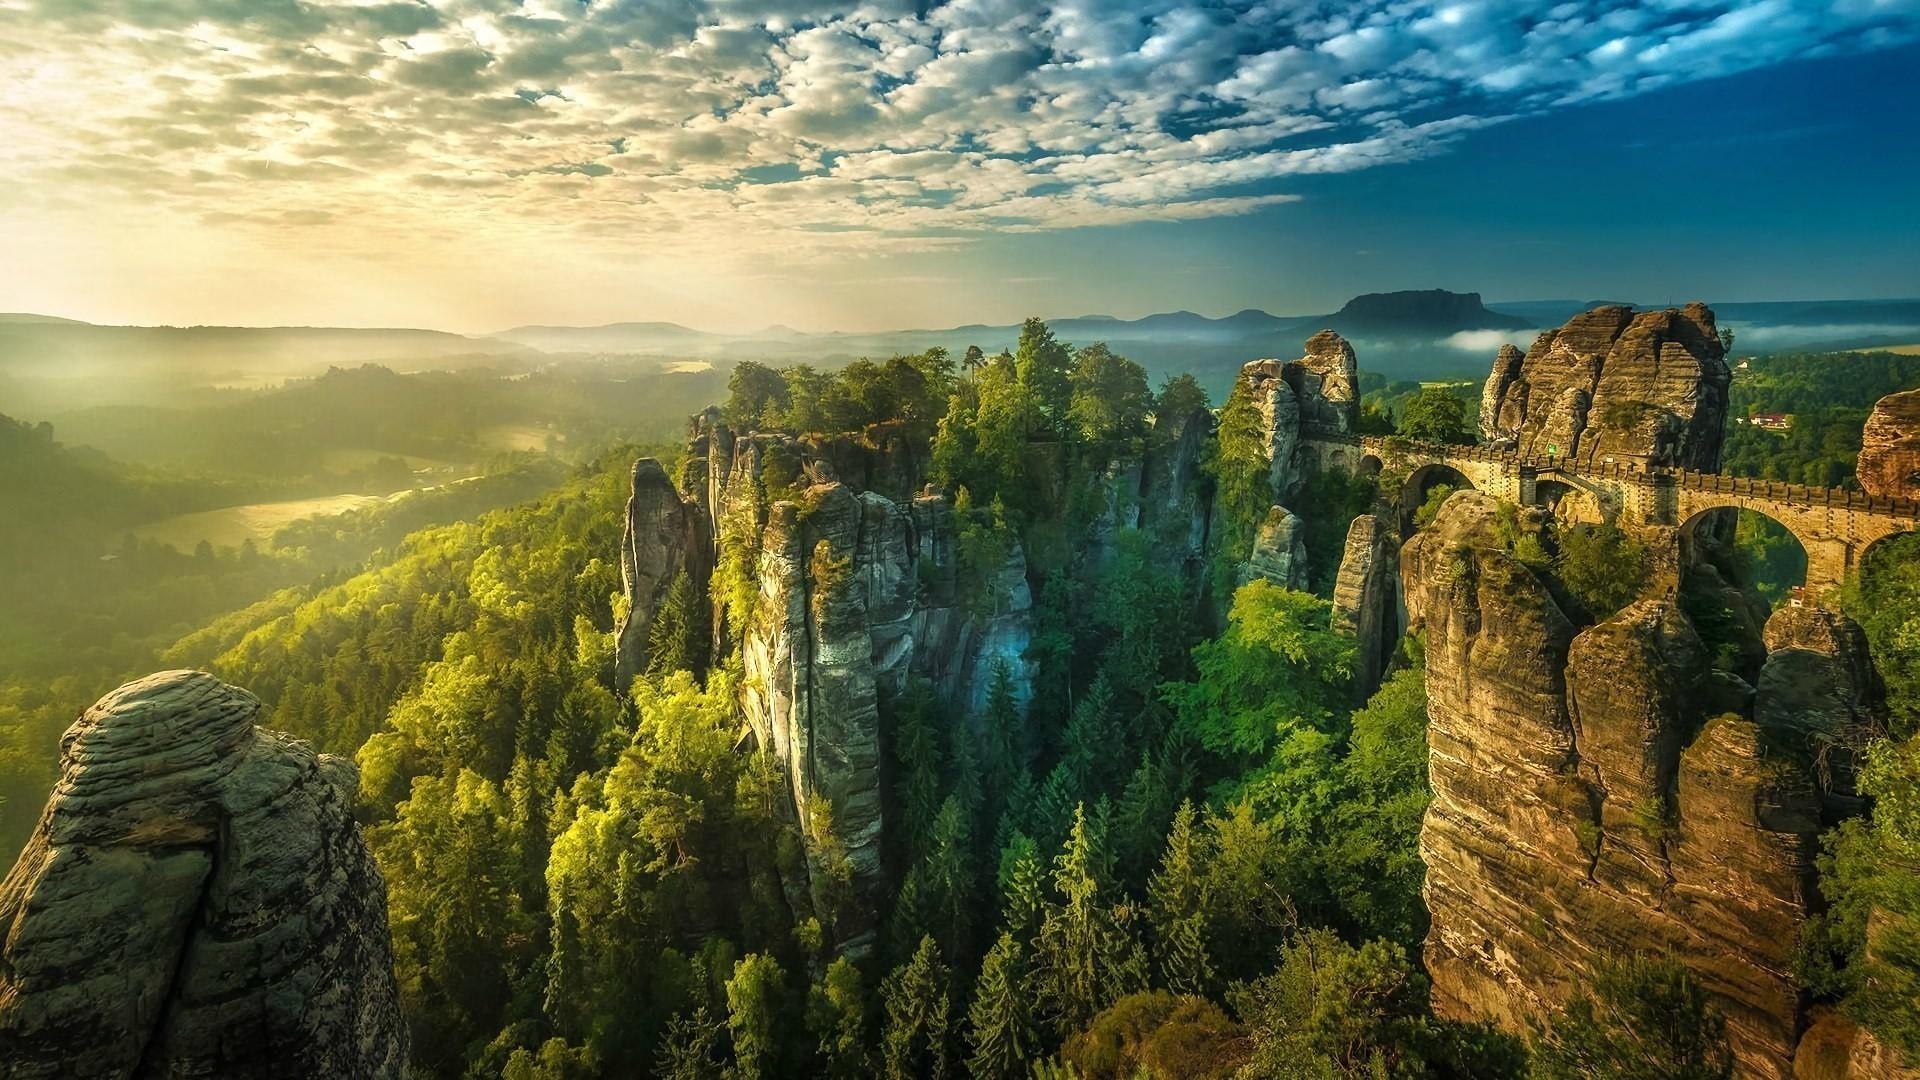 landscape wallpaper 1080p ·①